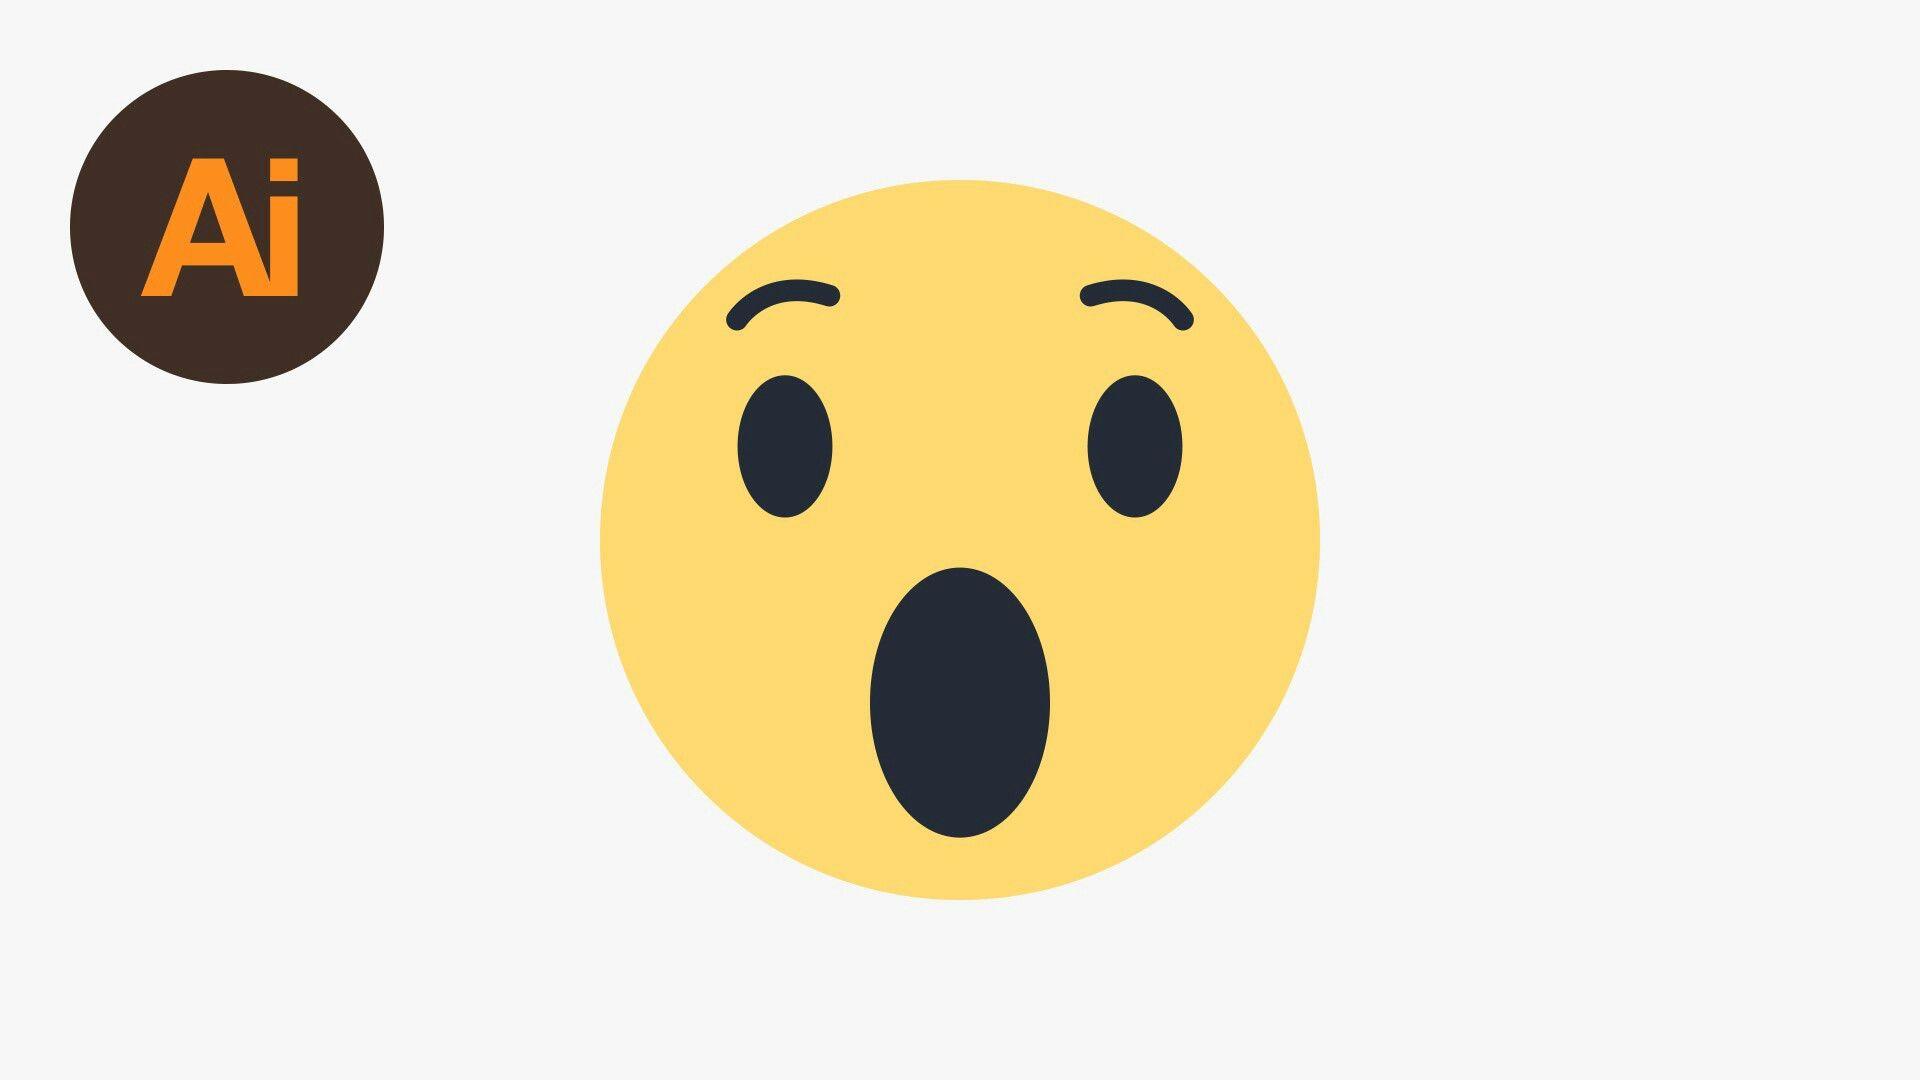 My Favorite Facebook Emoticon Wow Wow Emoji Emoji Illustrator Tutorials